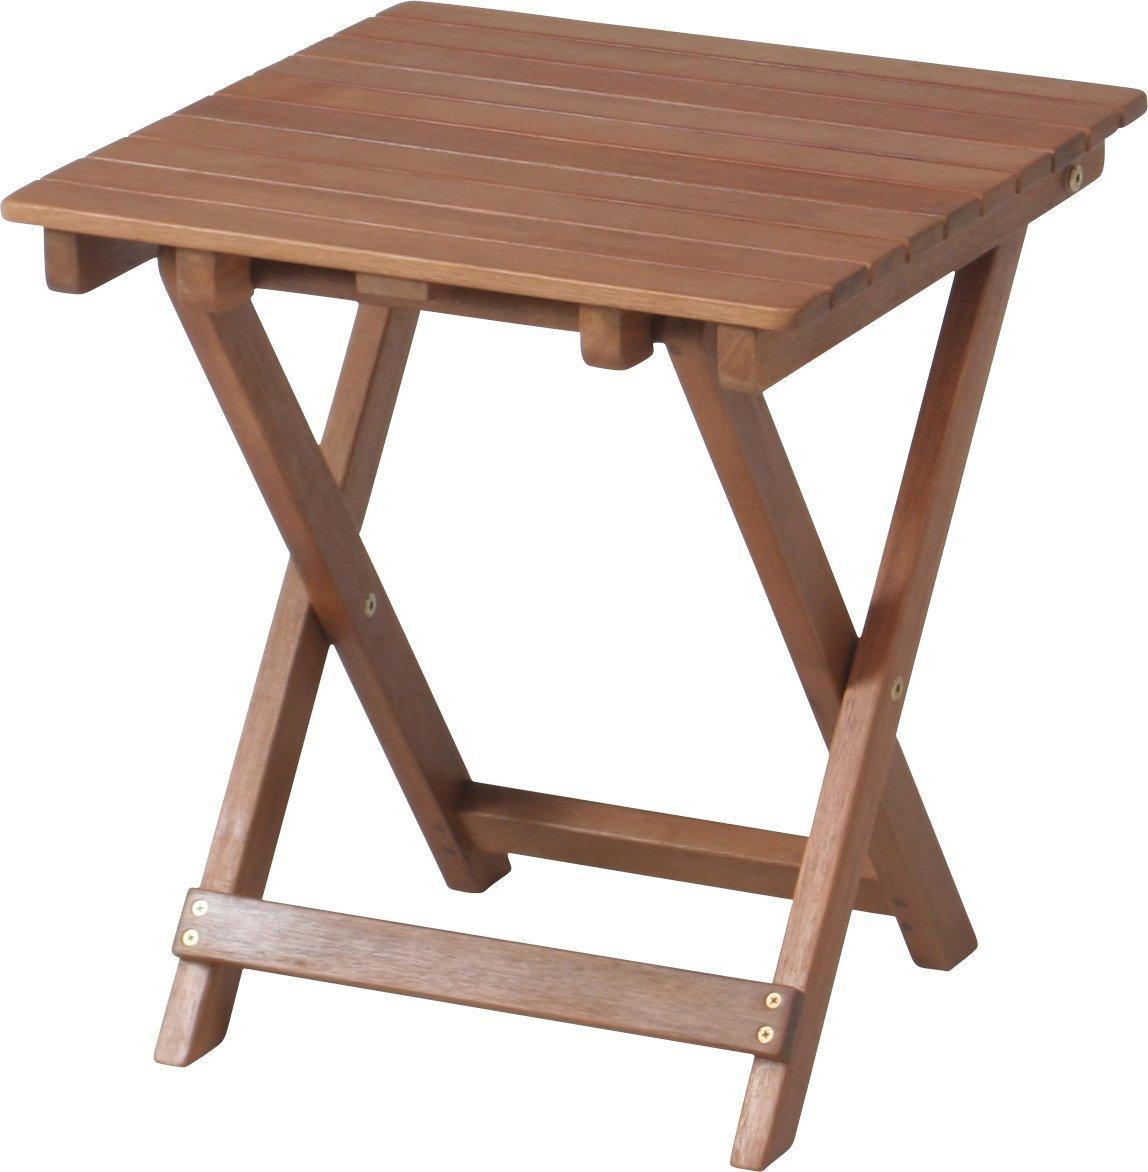 不二貿易 折りたたみ式 ガーデン サイドテーブル 79499  35cm×35cm x高さ44cm 本体重量:1.8kg